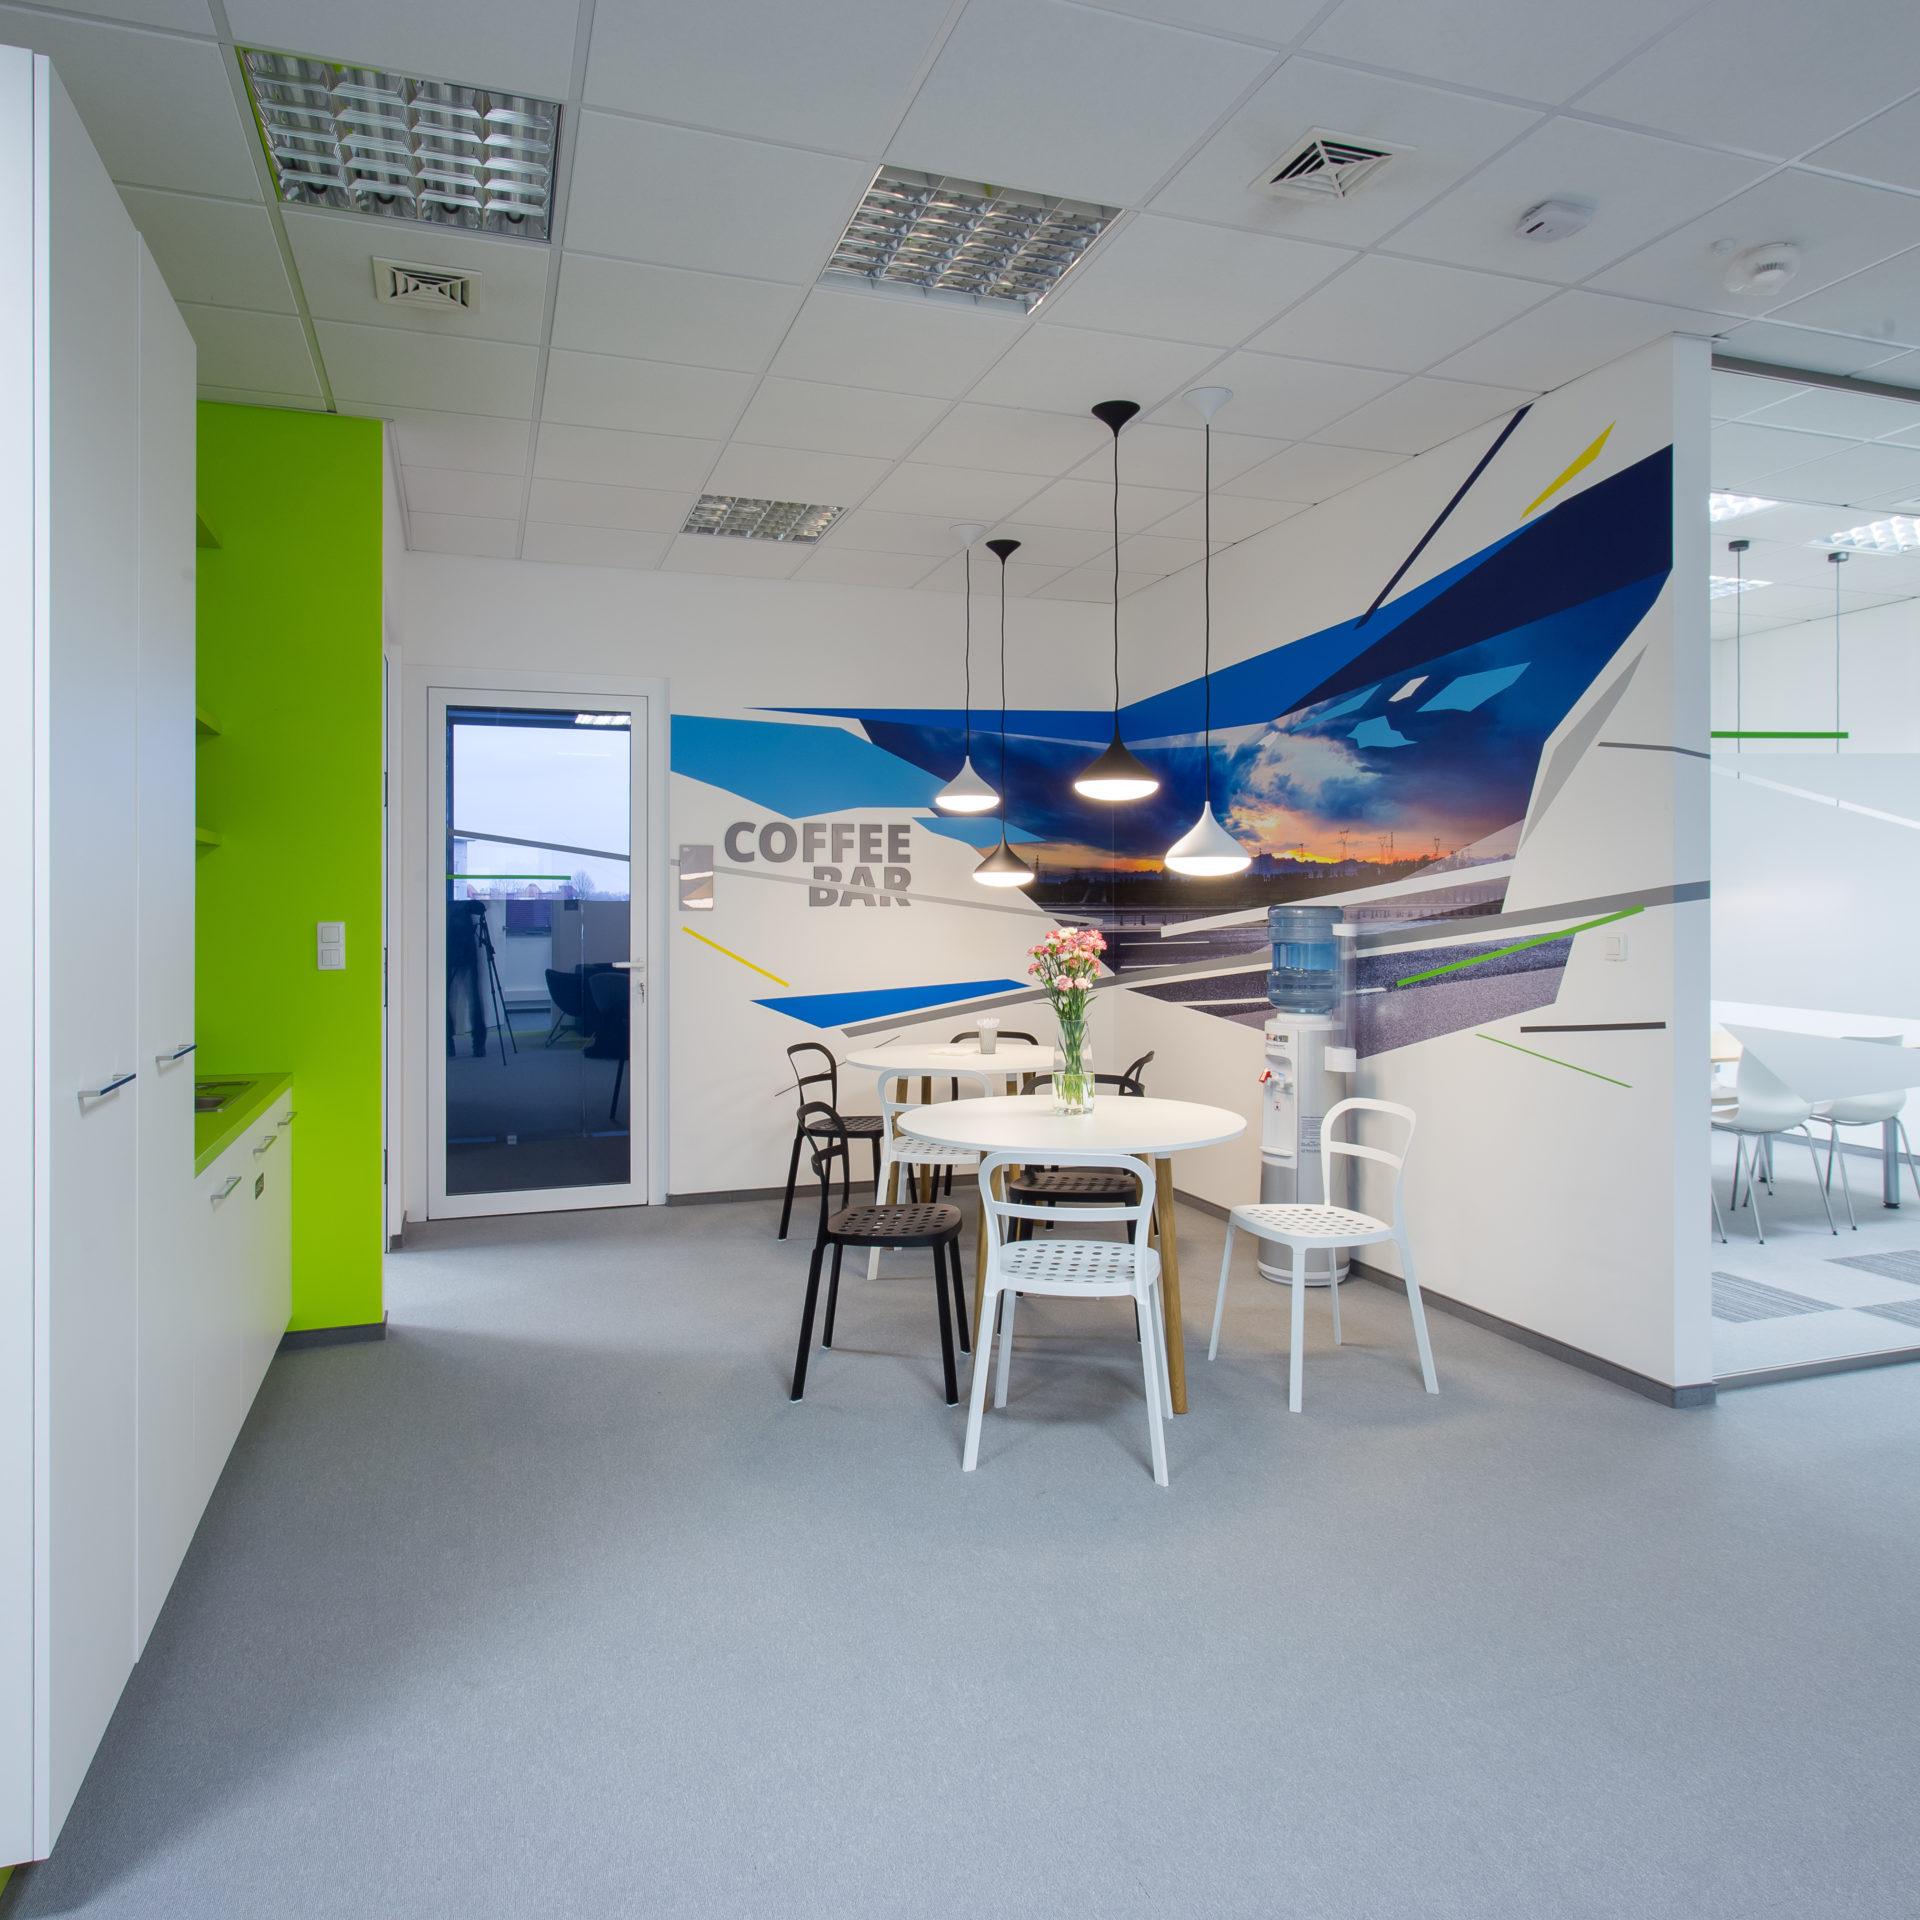 biuro , office Wrocław Transinkasso, architekt, projekt wnętrz,koru, julia koczur 01